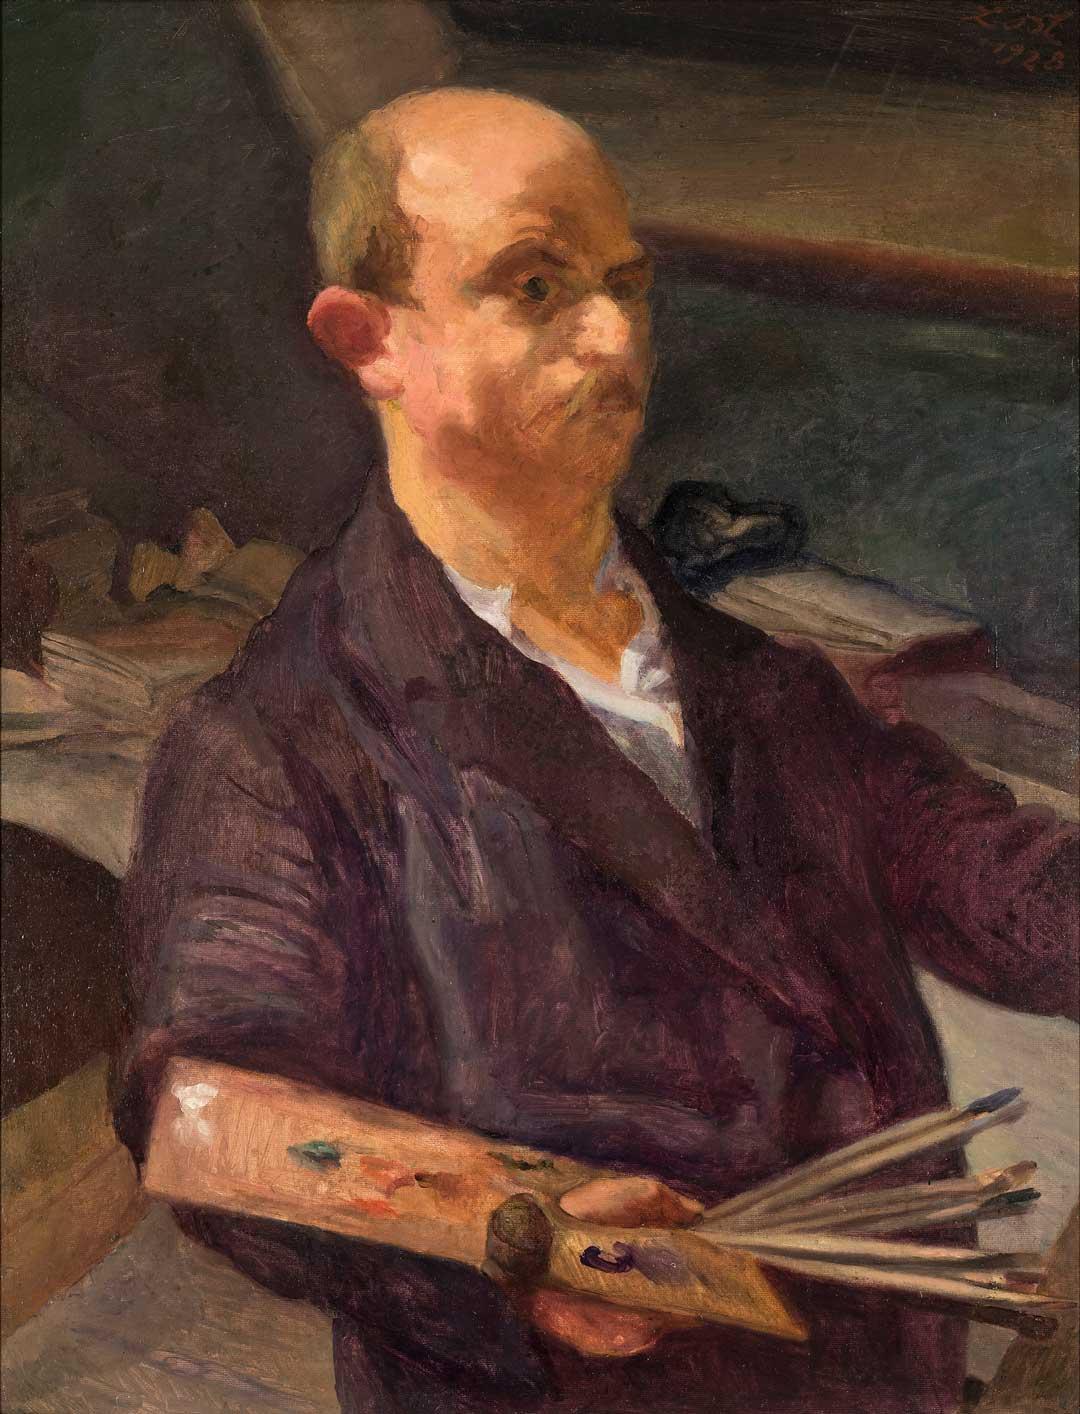 Ludwig Meidner, Selbstbildnis mit Palette, 1928, Museum Wiesbaden, erworben 2019 mit Unterstützung des Fördervereins Freunde des Museums Wiesbaden e.V. (Foto: Bernd Fickert/Museum Wiesbaden)